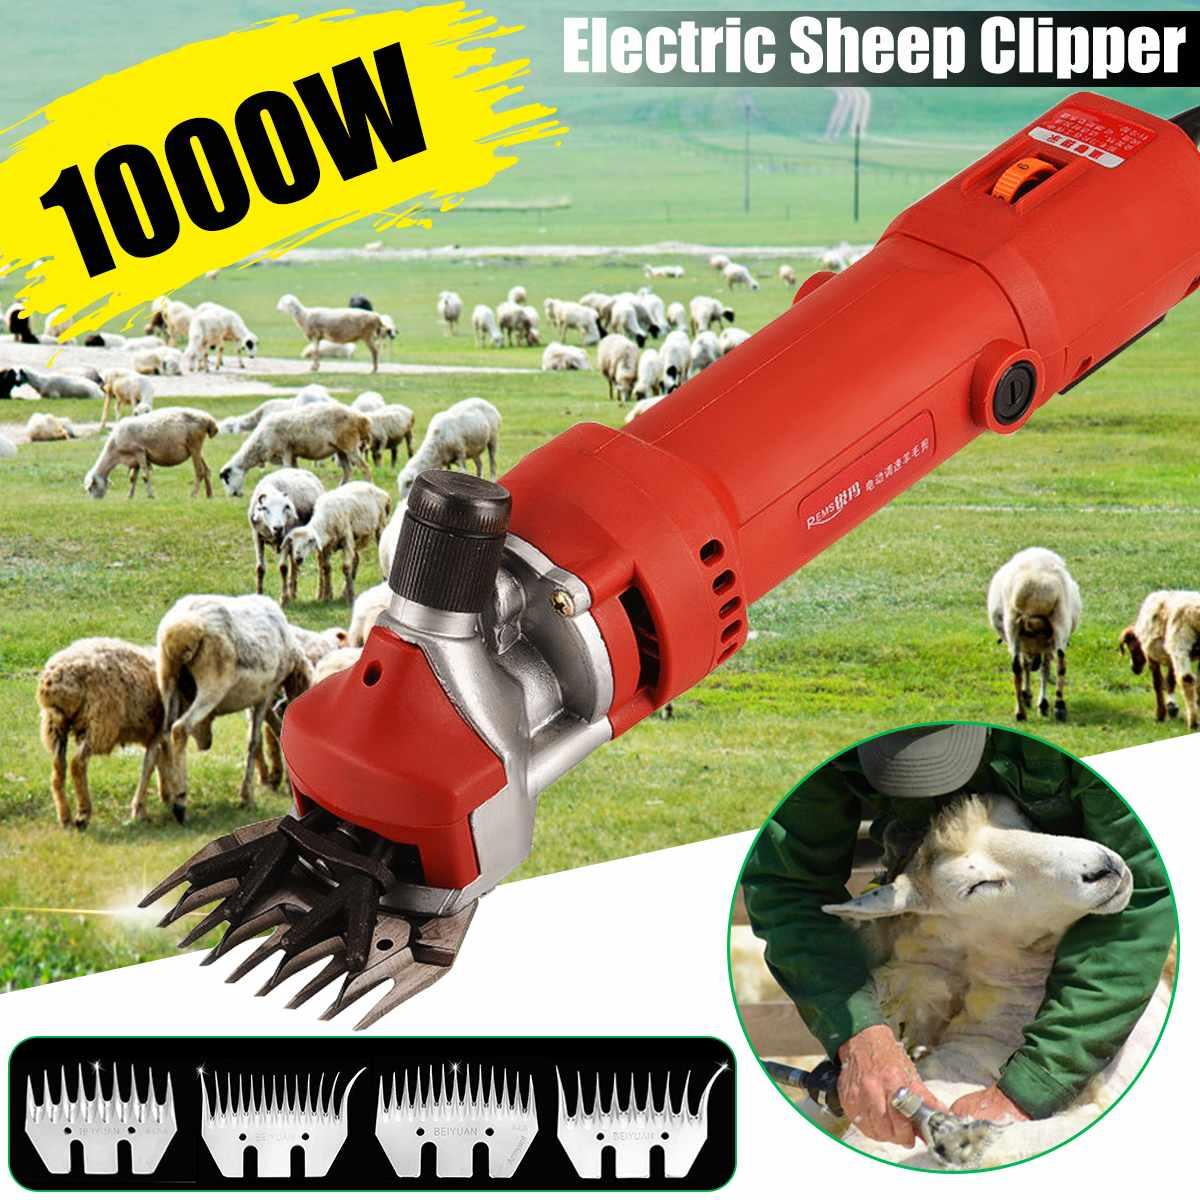 1000W 220V 2400R/Min Electric Shearing Clipper Shear Sheep Goats Alpaca Shears Pet Hair Shearing Machine Cutter Wool Scissor